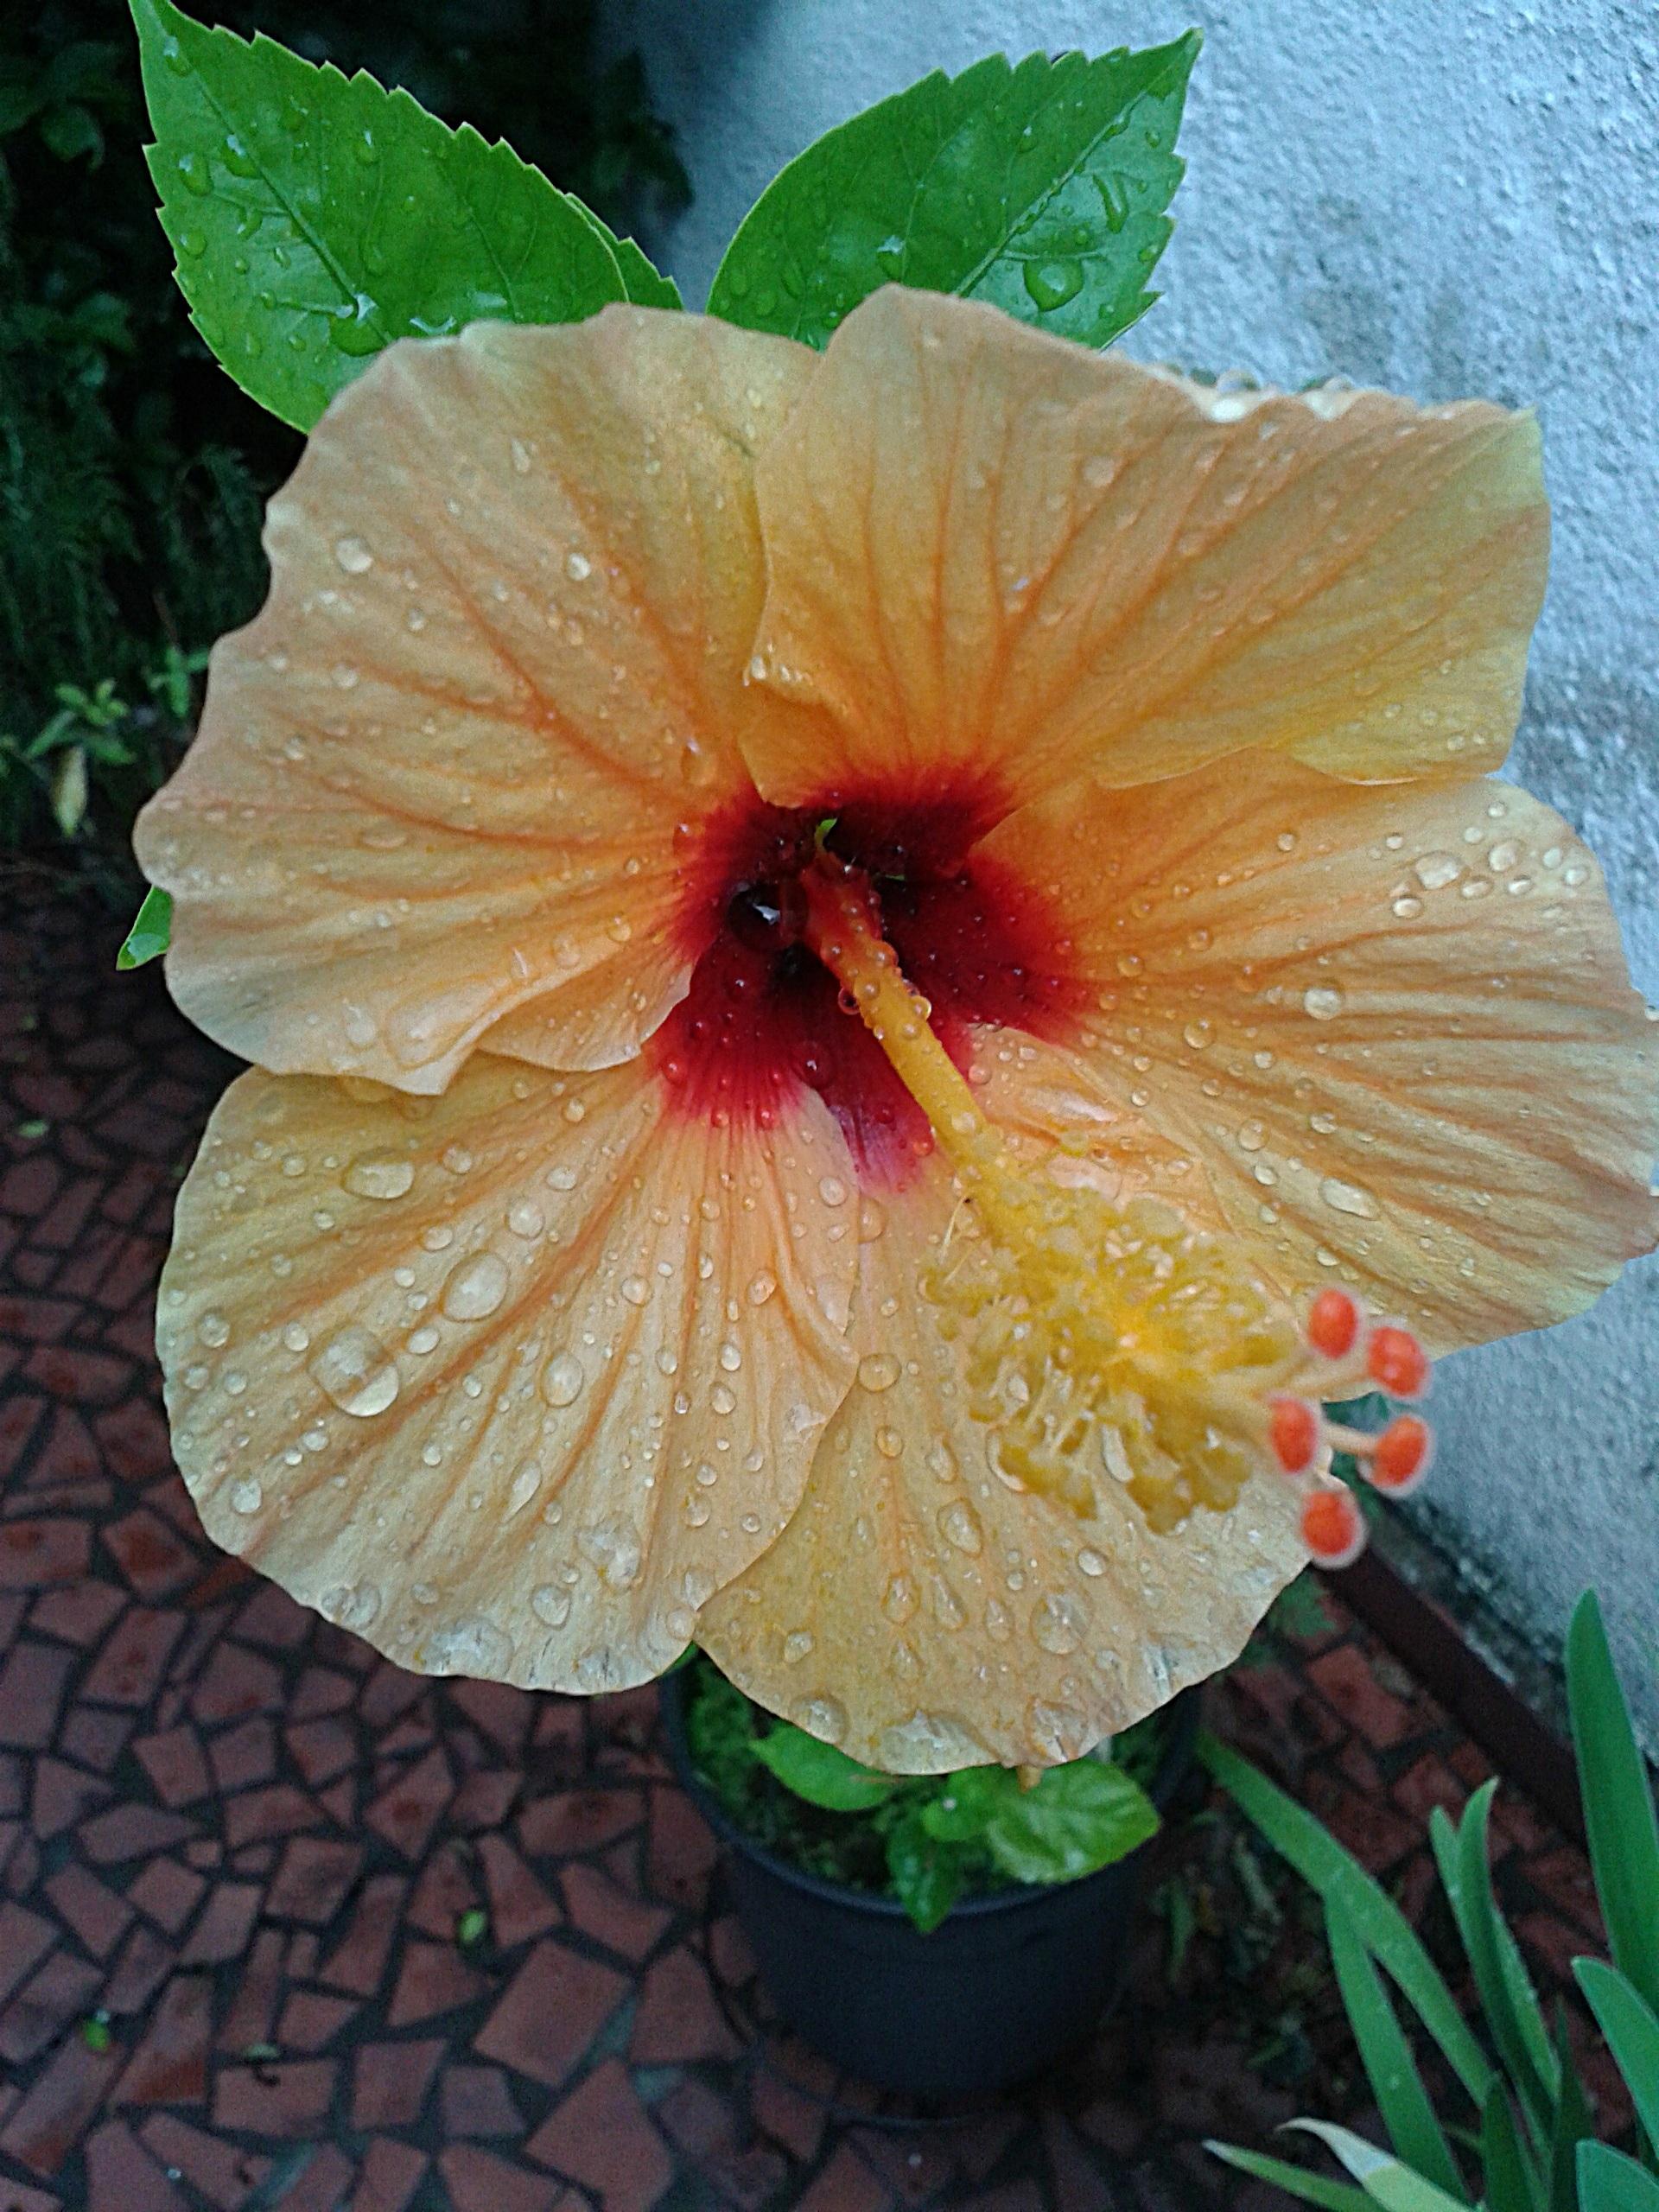 Images Gratuites : la nature, feuille, fleur, pétale, pot, vase ...